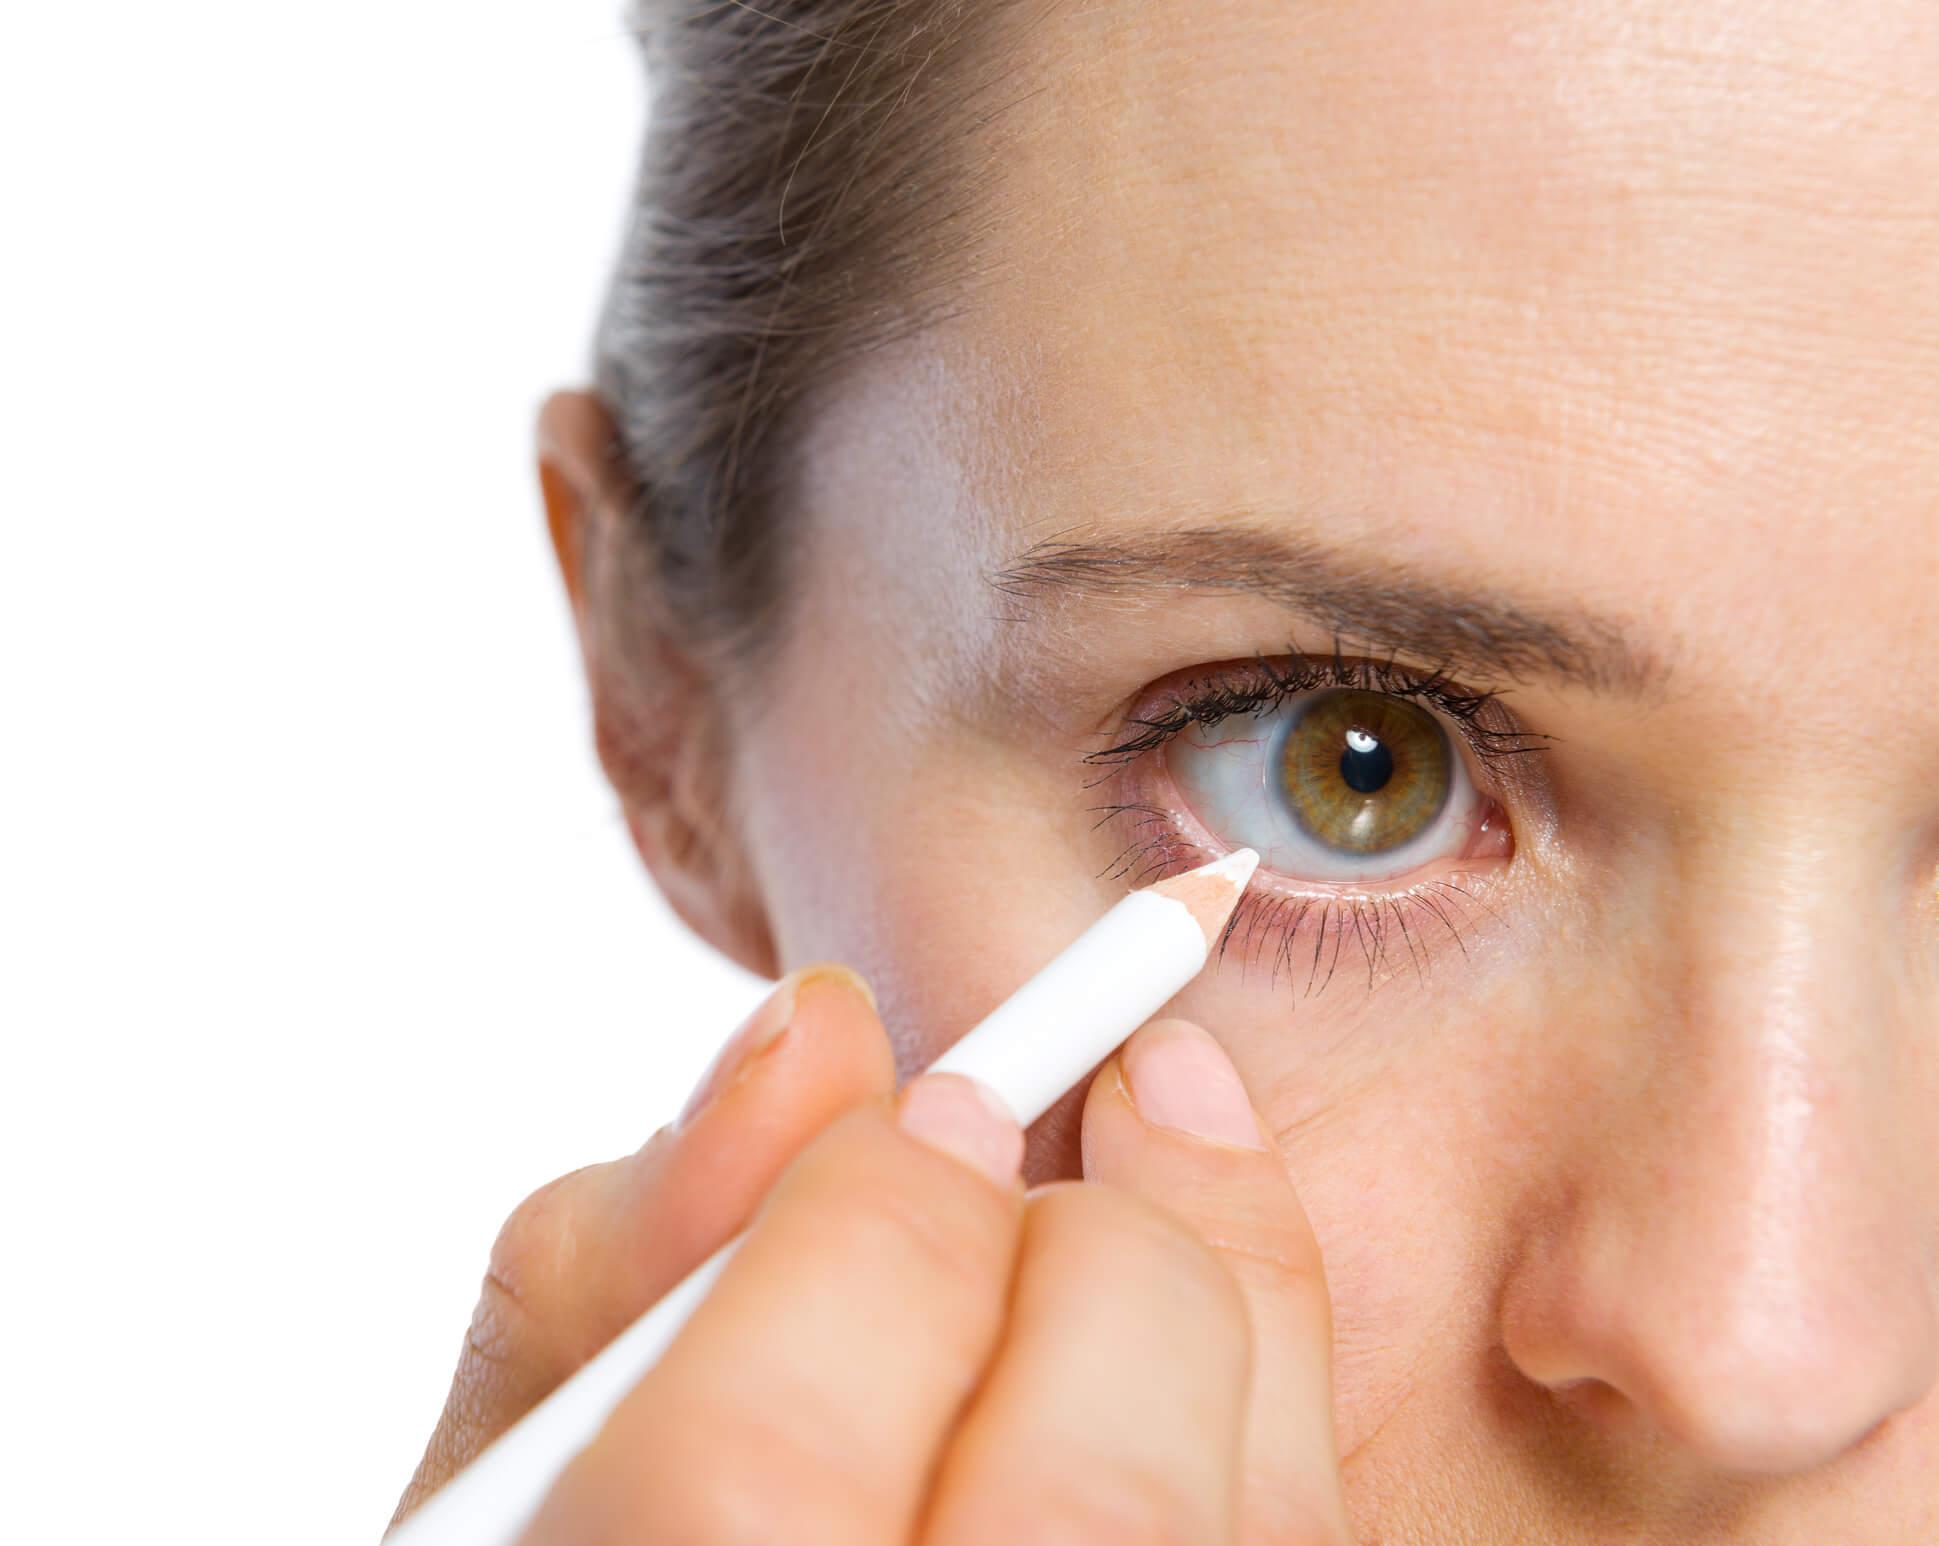 Beyaz Göz Kalemi İle Daha Güzel Görünün